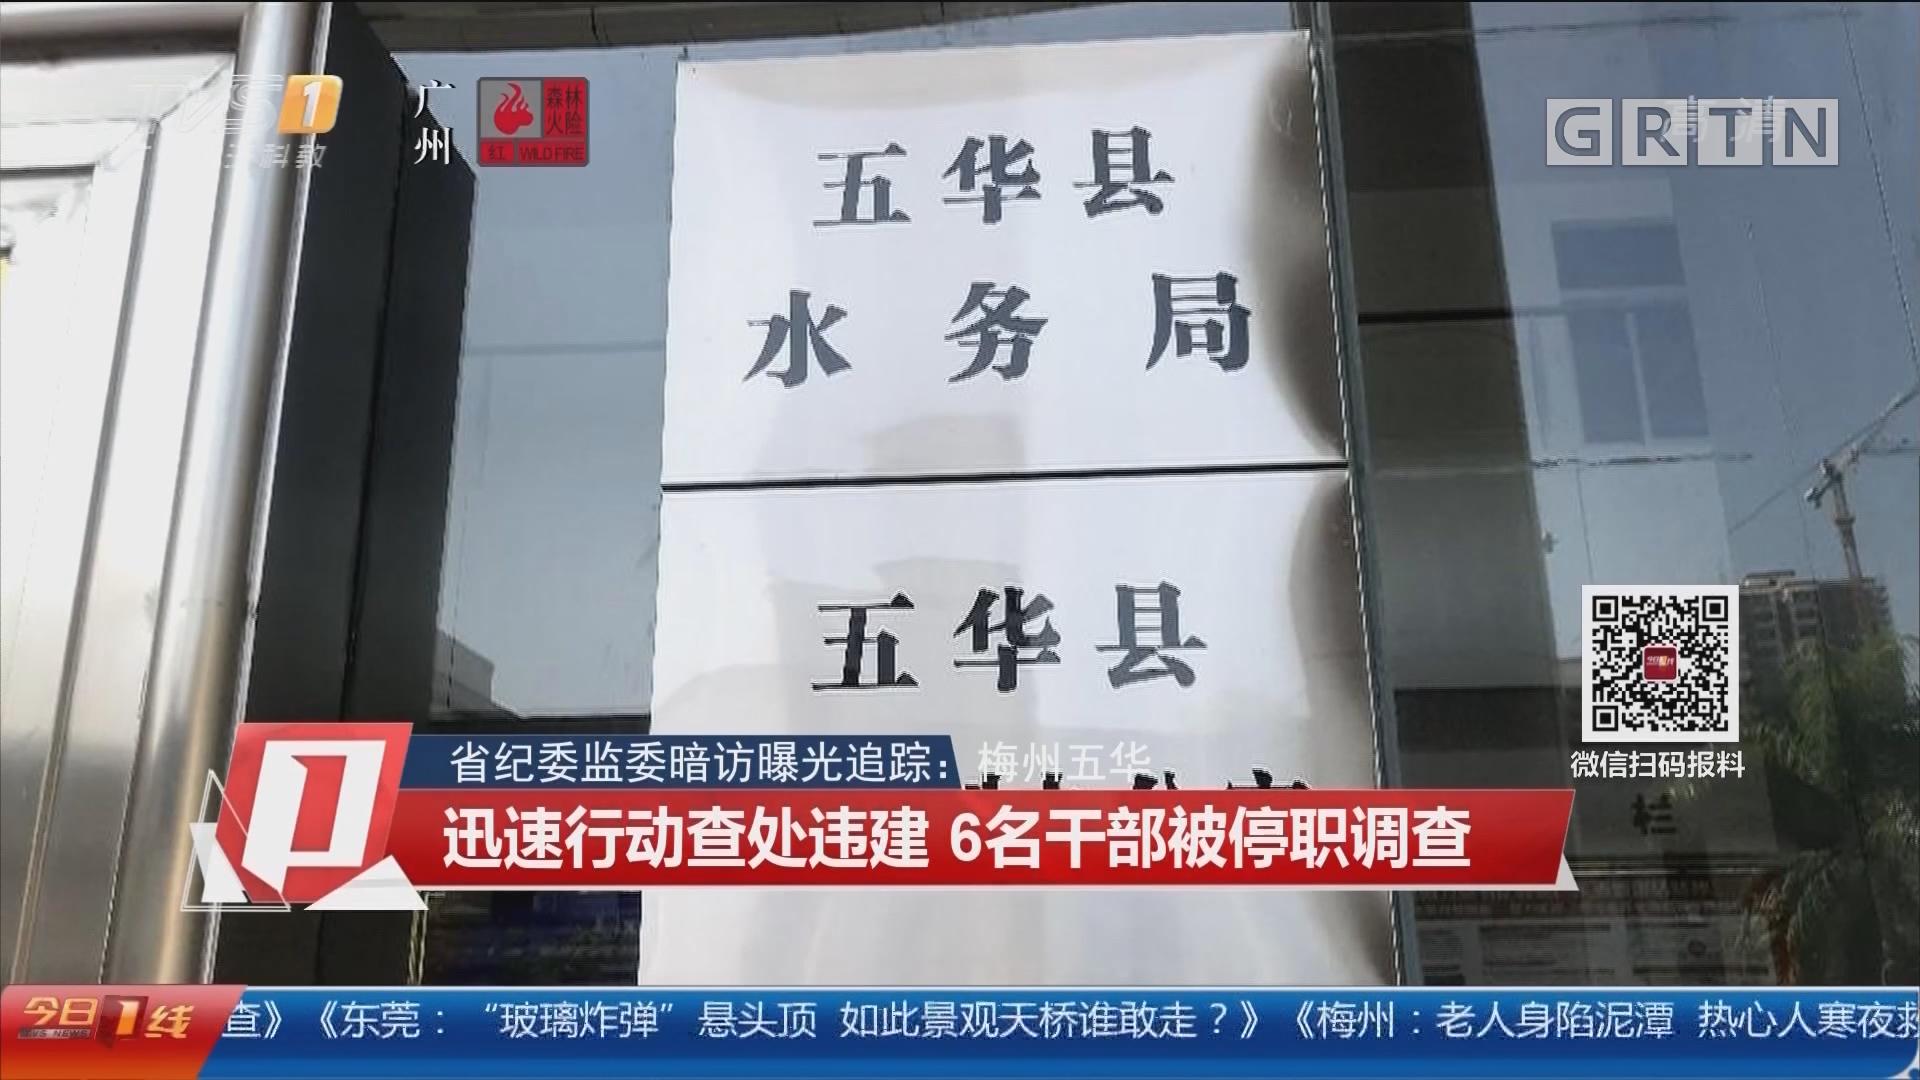 省纪委监委暗访曝光追踪:梅州五华 迅速行动查处违建 6名干部被停职调查